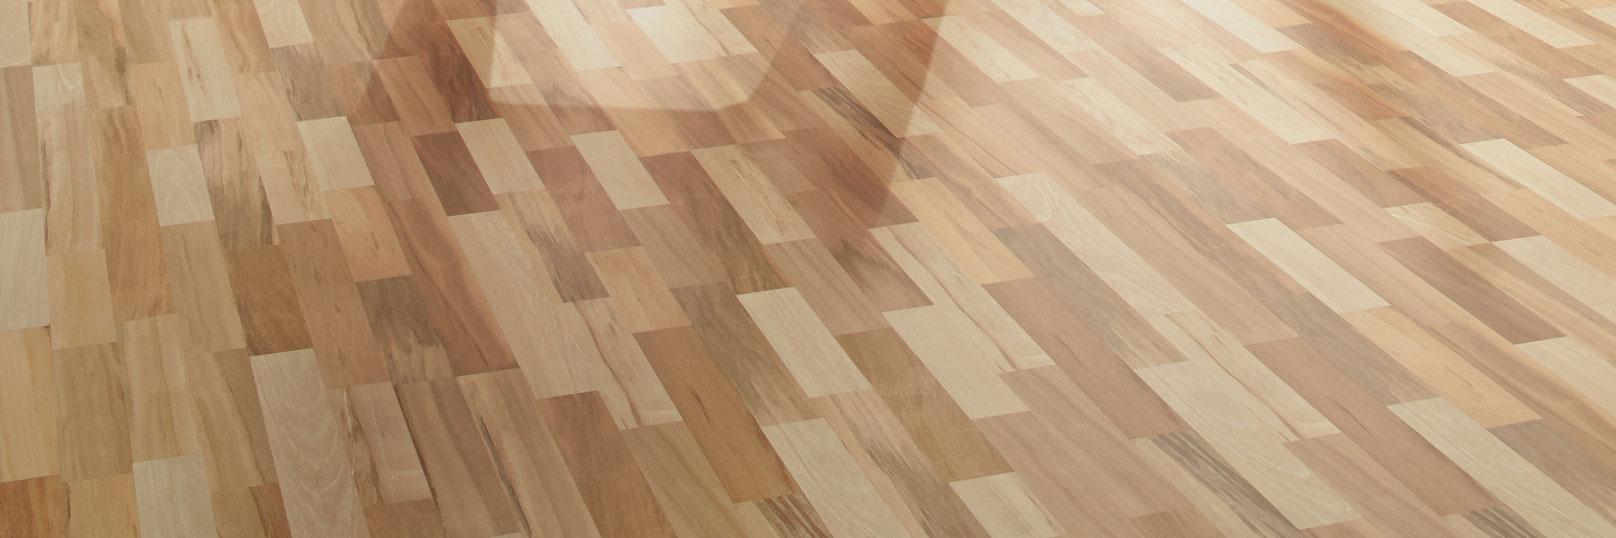 Ondervloer laminaat   Laminaat ondervloer leggen verlengd de levensduur van de vloer